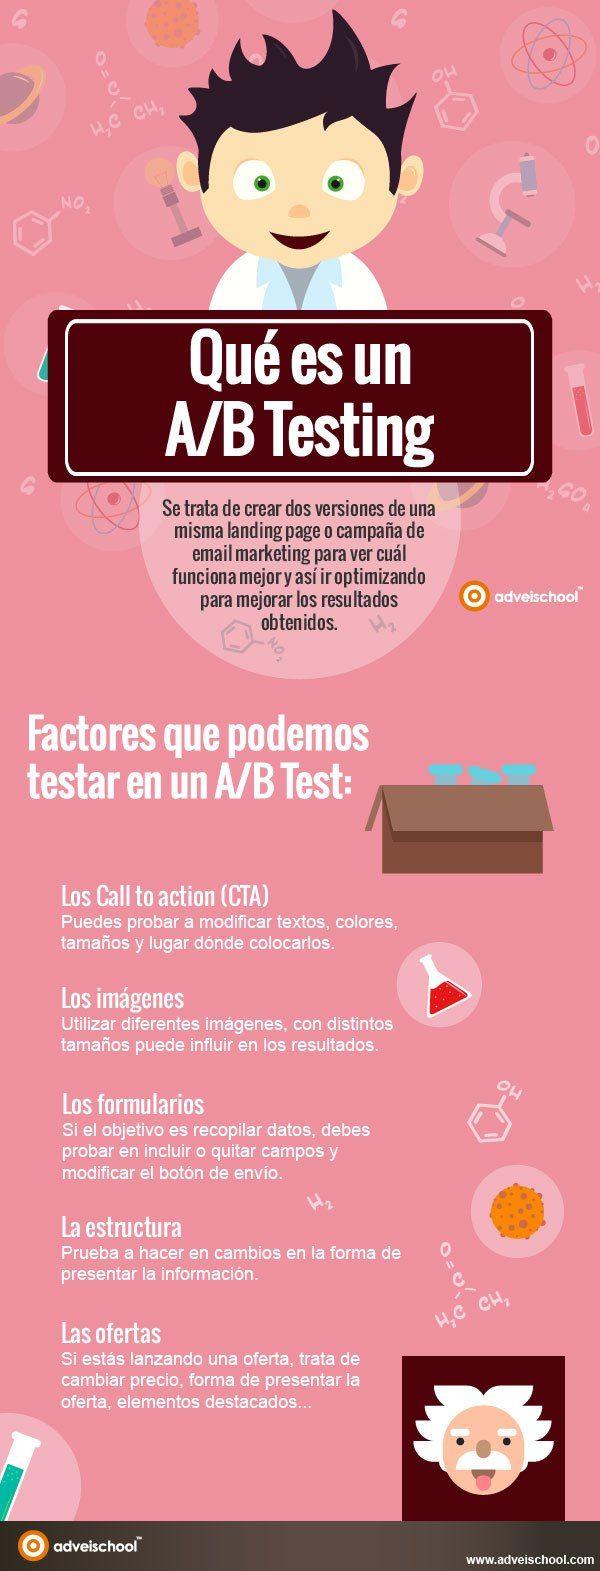 Qué es un A/B Testing #infografia